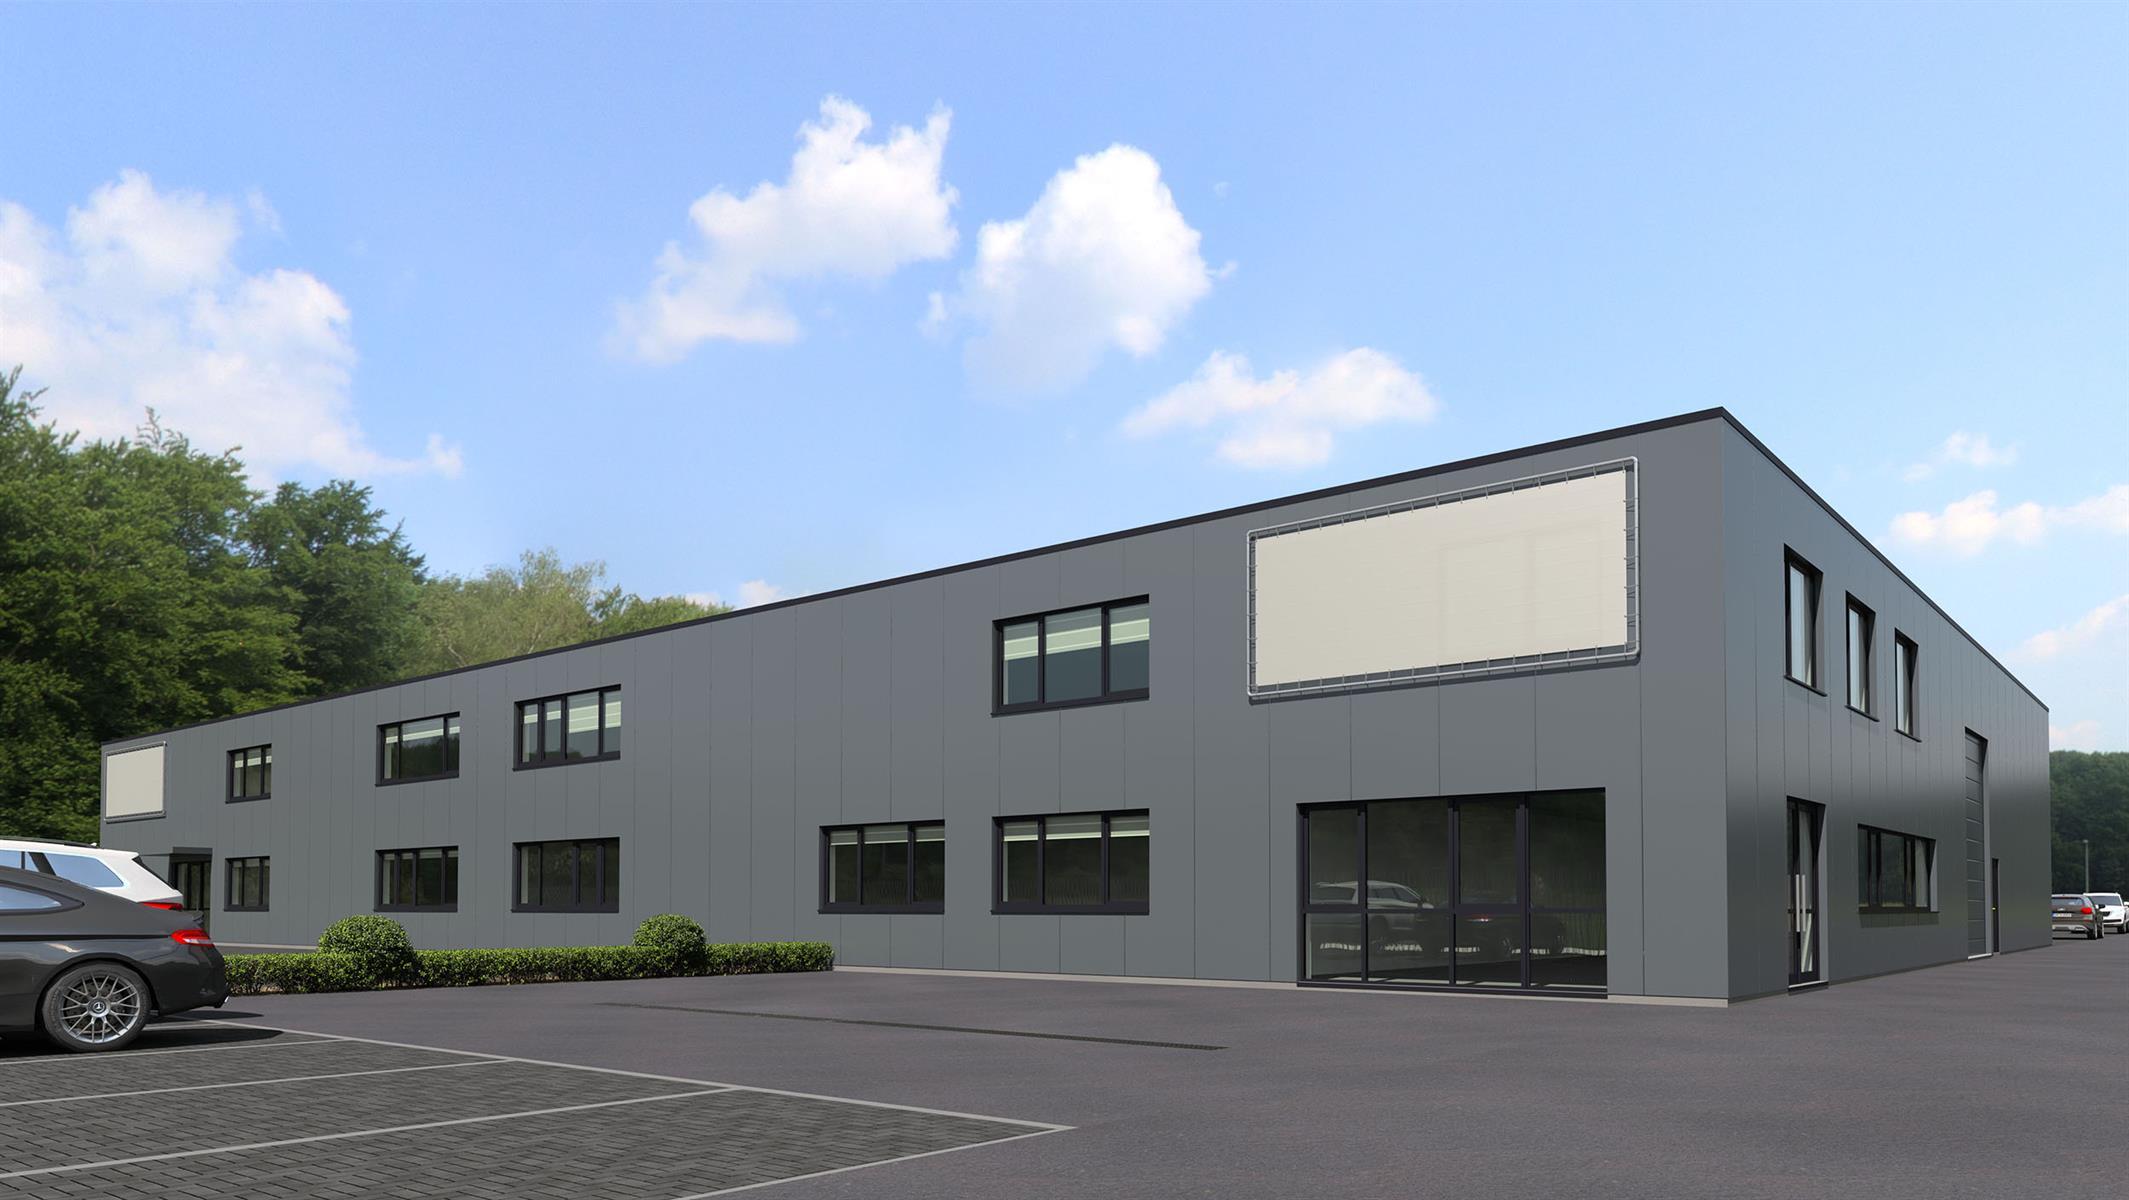 gebouw voor gemengd gebruik te huur Magazijn met kantoor en buitenterrein/RENOVATIE Toekomstlaan 113